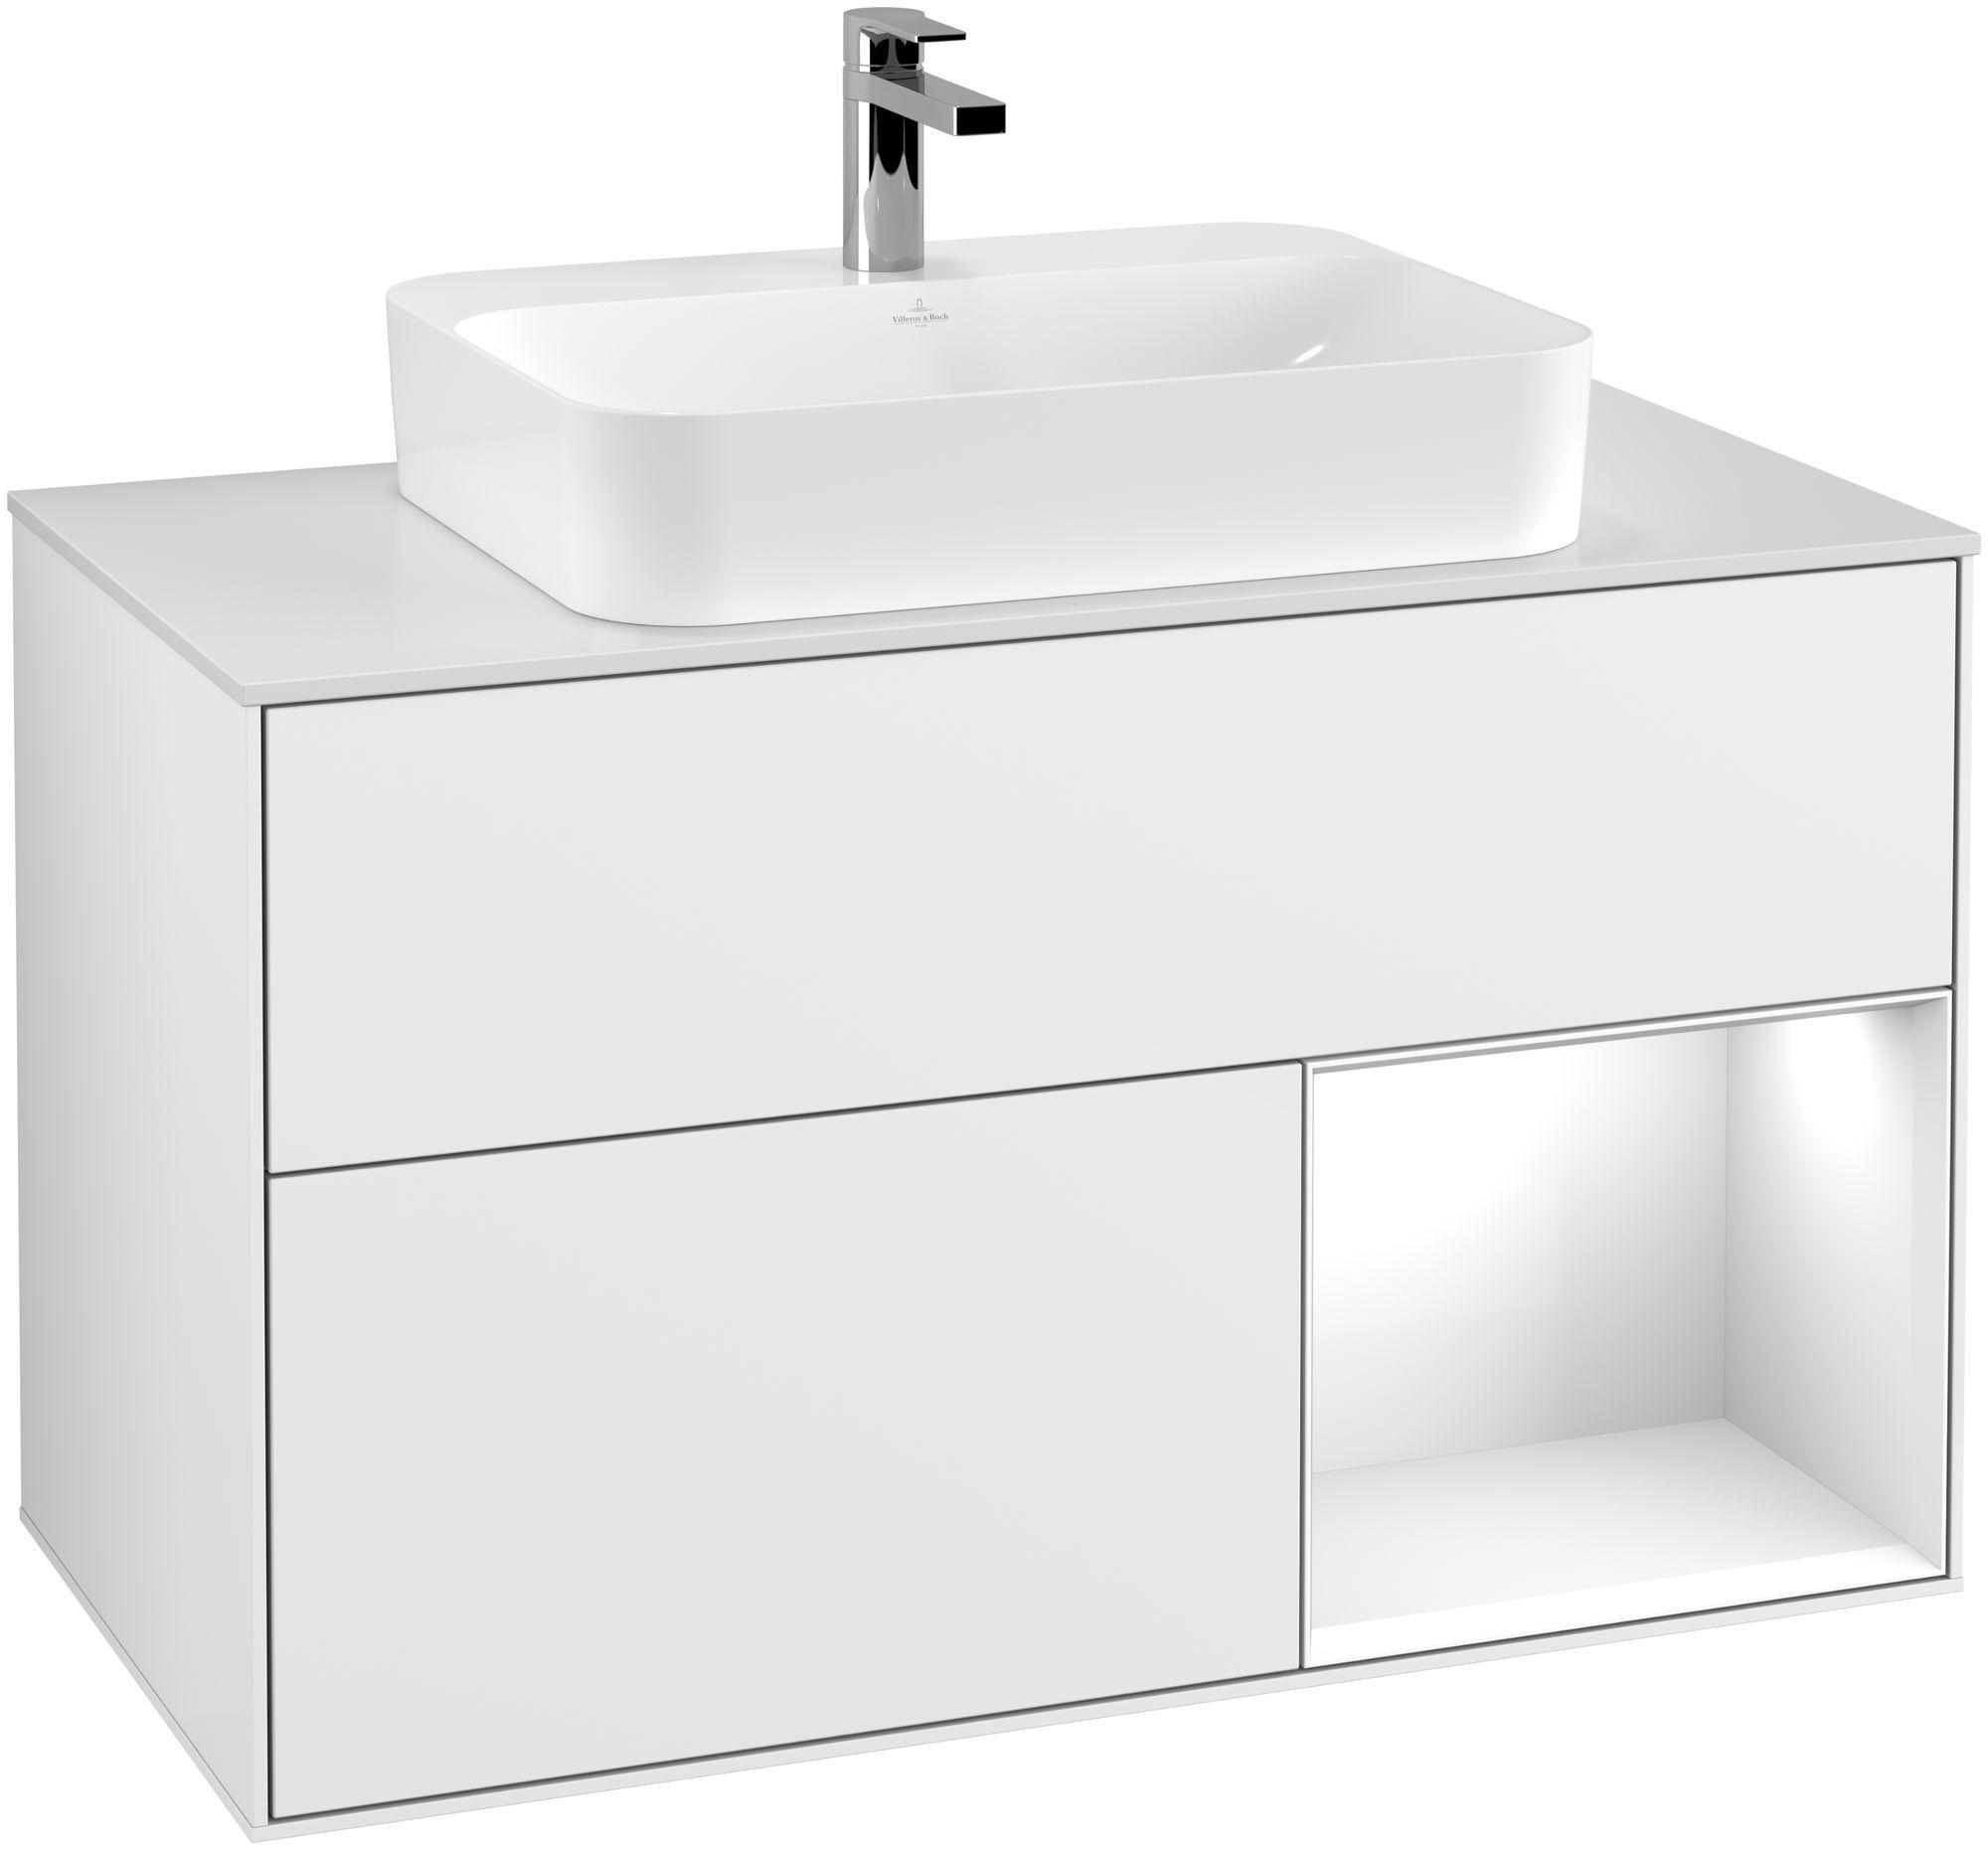 Villeroy & Boch Finion F37 Waschtischunterschrank mit Regalelement 2 Auszüge Waschtisch mittig LED-Beleuchtung B:100xH:60,3xT:50,1cm Front, Korpus: Glossy White Lack, Glasplatte: White Matt F371GFGF